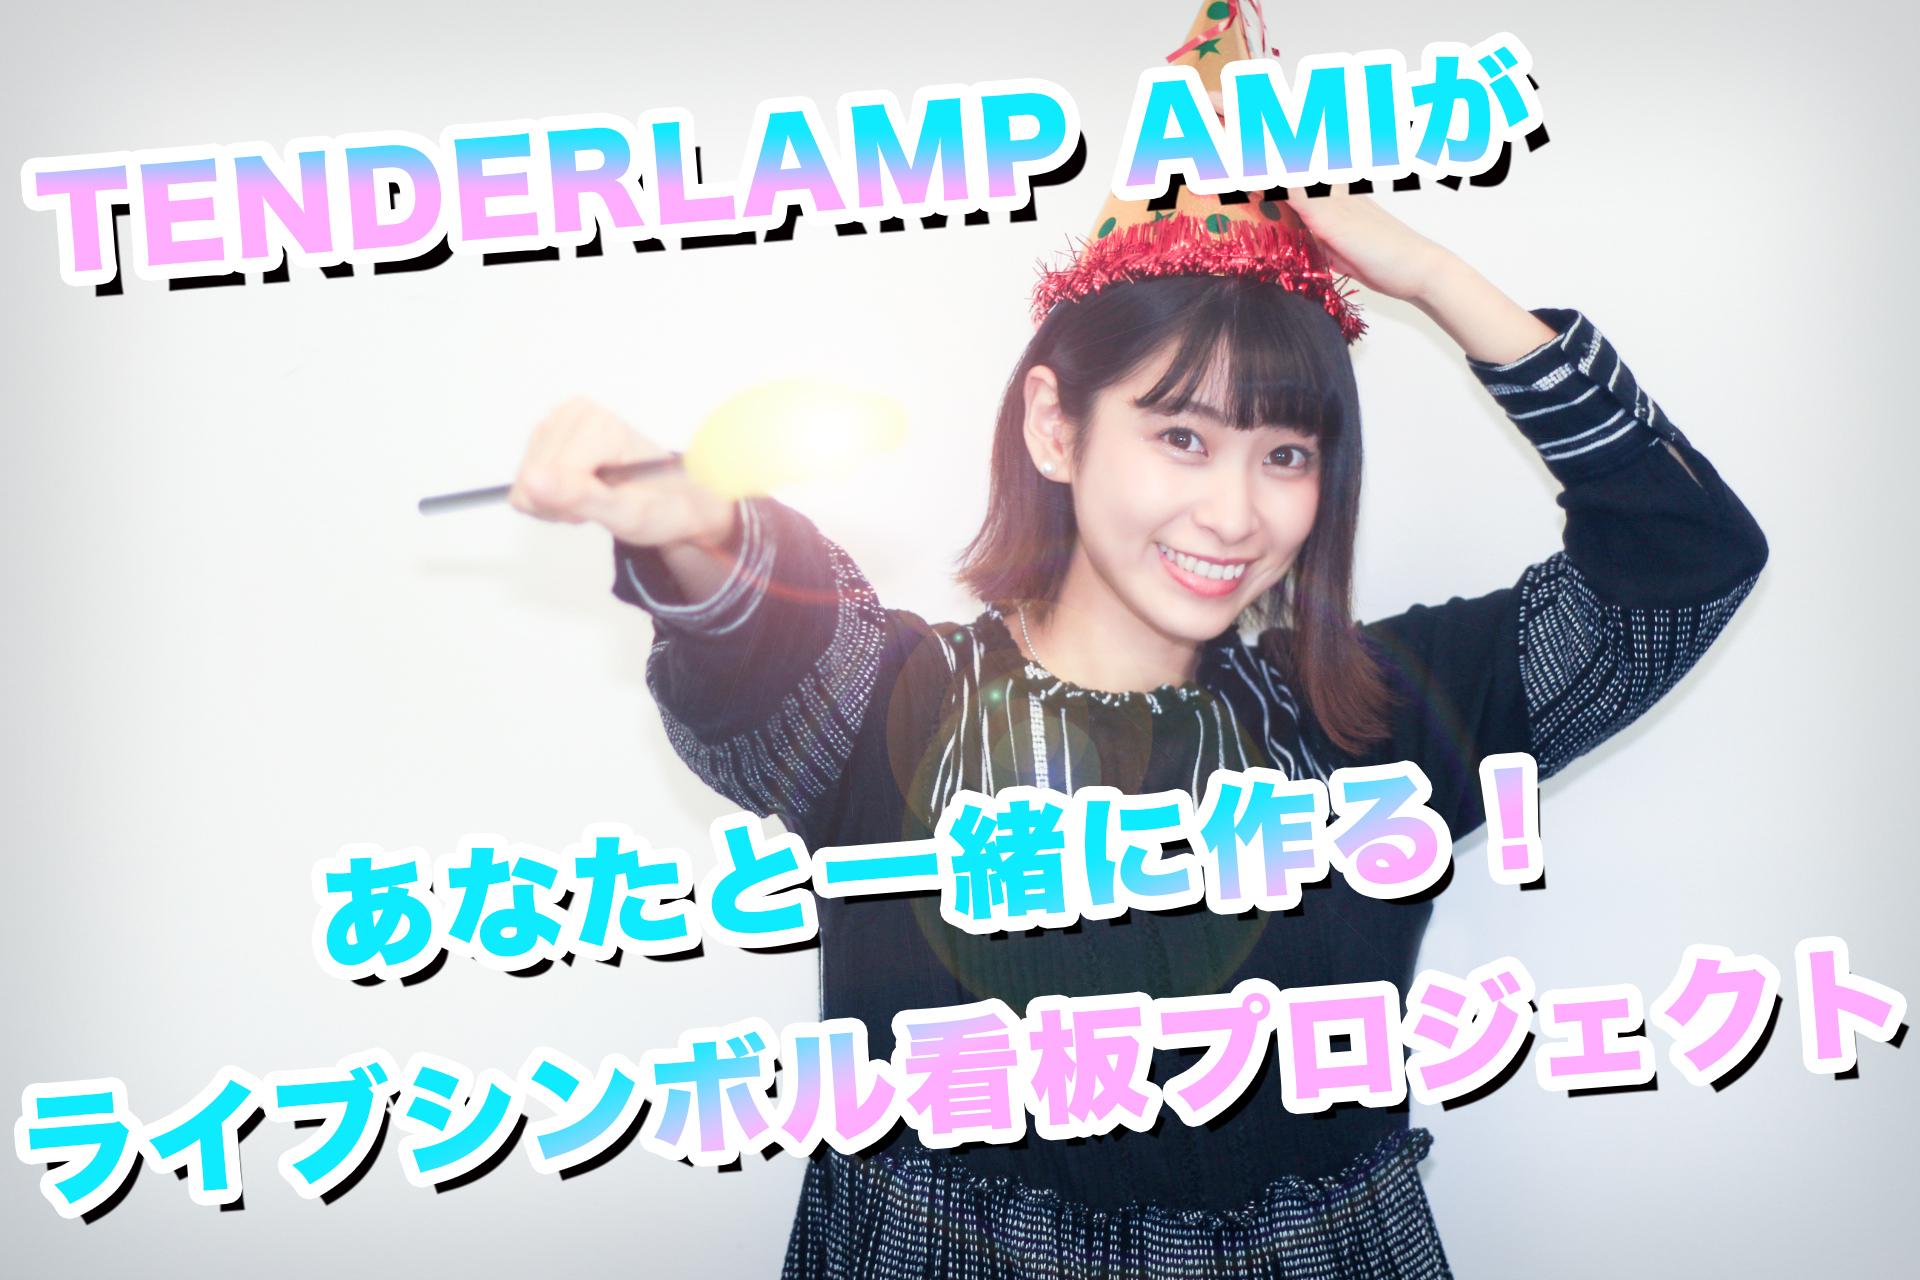 [活動1周年感謝企画] TENDERLAMP AMIがあなたと一緒に作る!ライブシンボル看板プロジェクト